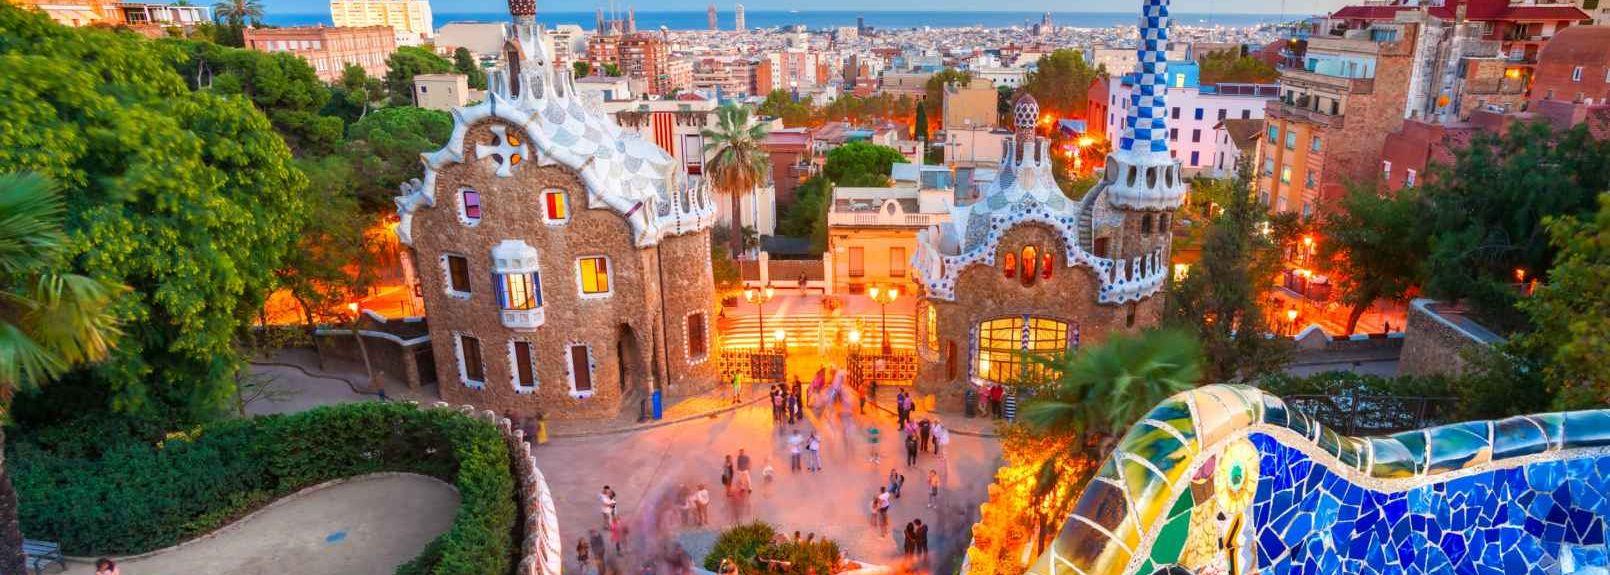 Arc de Triomf, Barcelona, Katalonien, Spanien